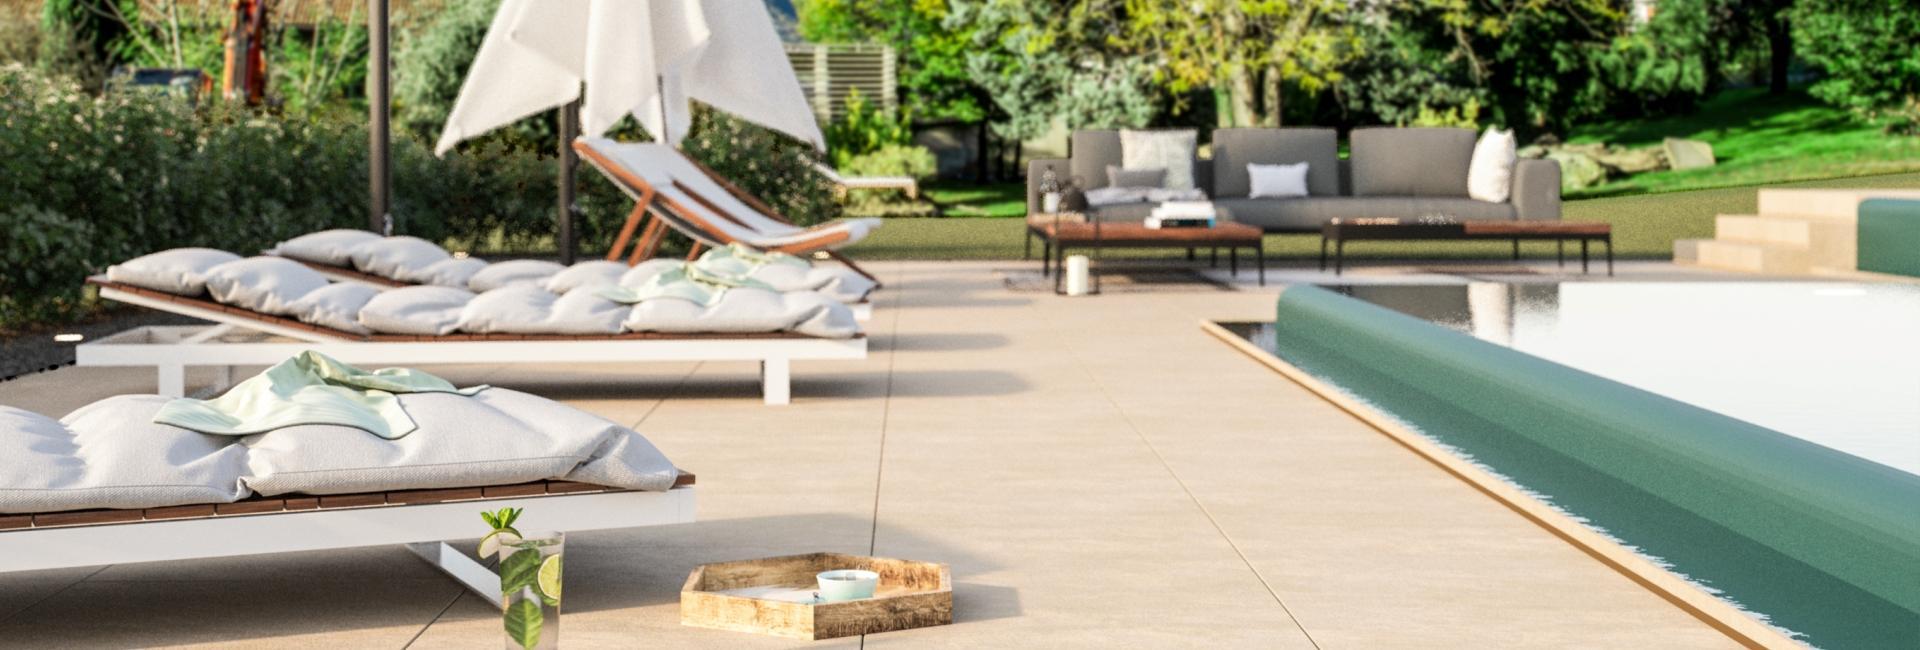 Outdoor pool at Hotel Castel-Rundegg in Merano